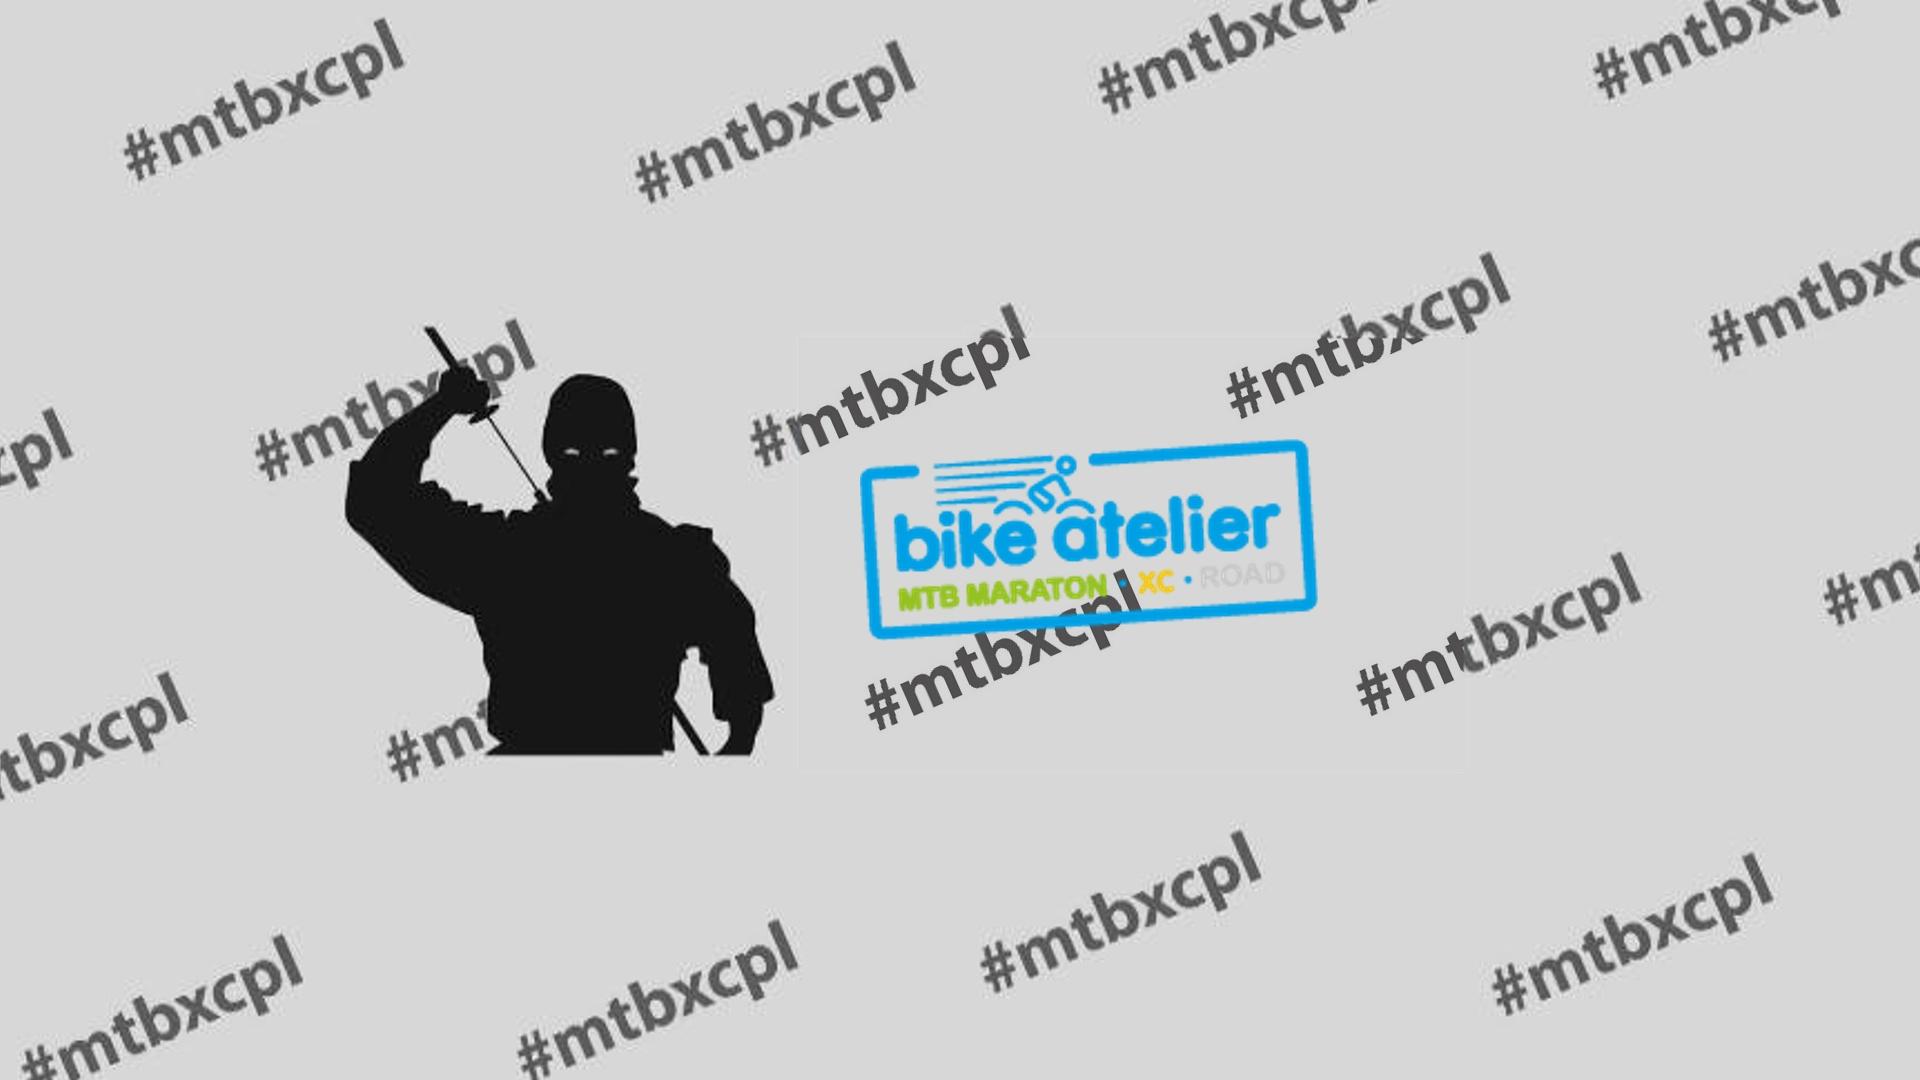 """Amator donosi: """"zmianę musi inicjować ten kto ciągnie"""" – Bike Atelier MTB Maraton, Częstochowa"""